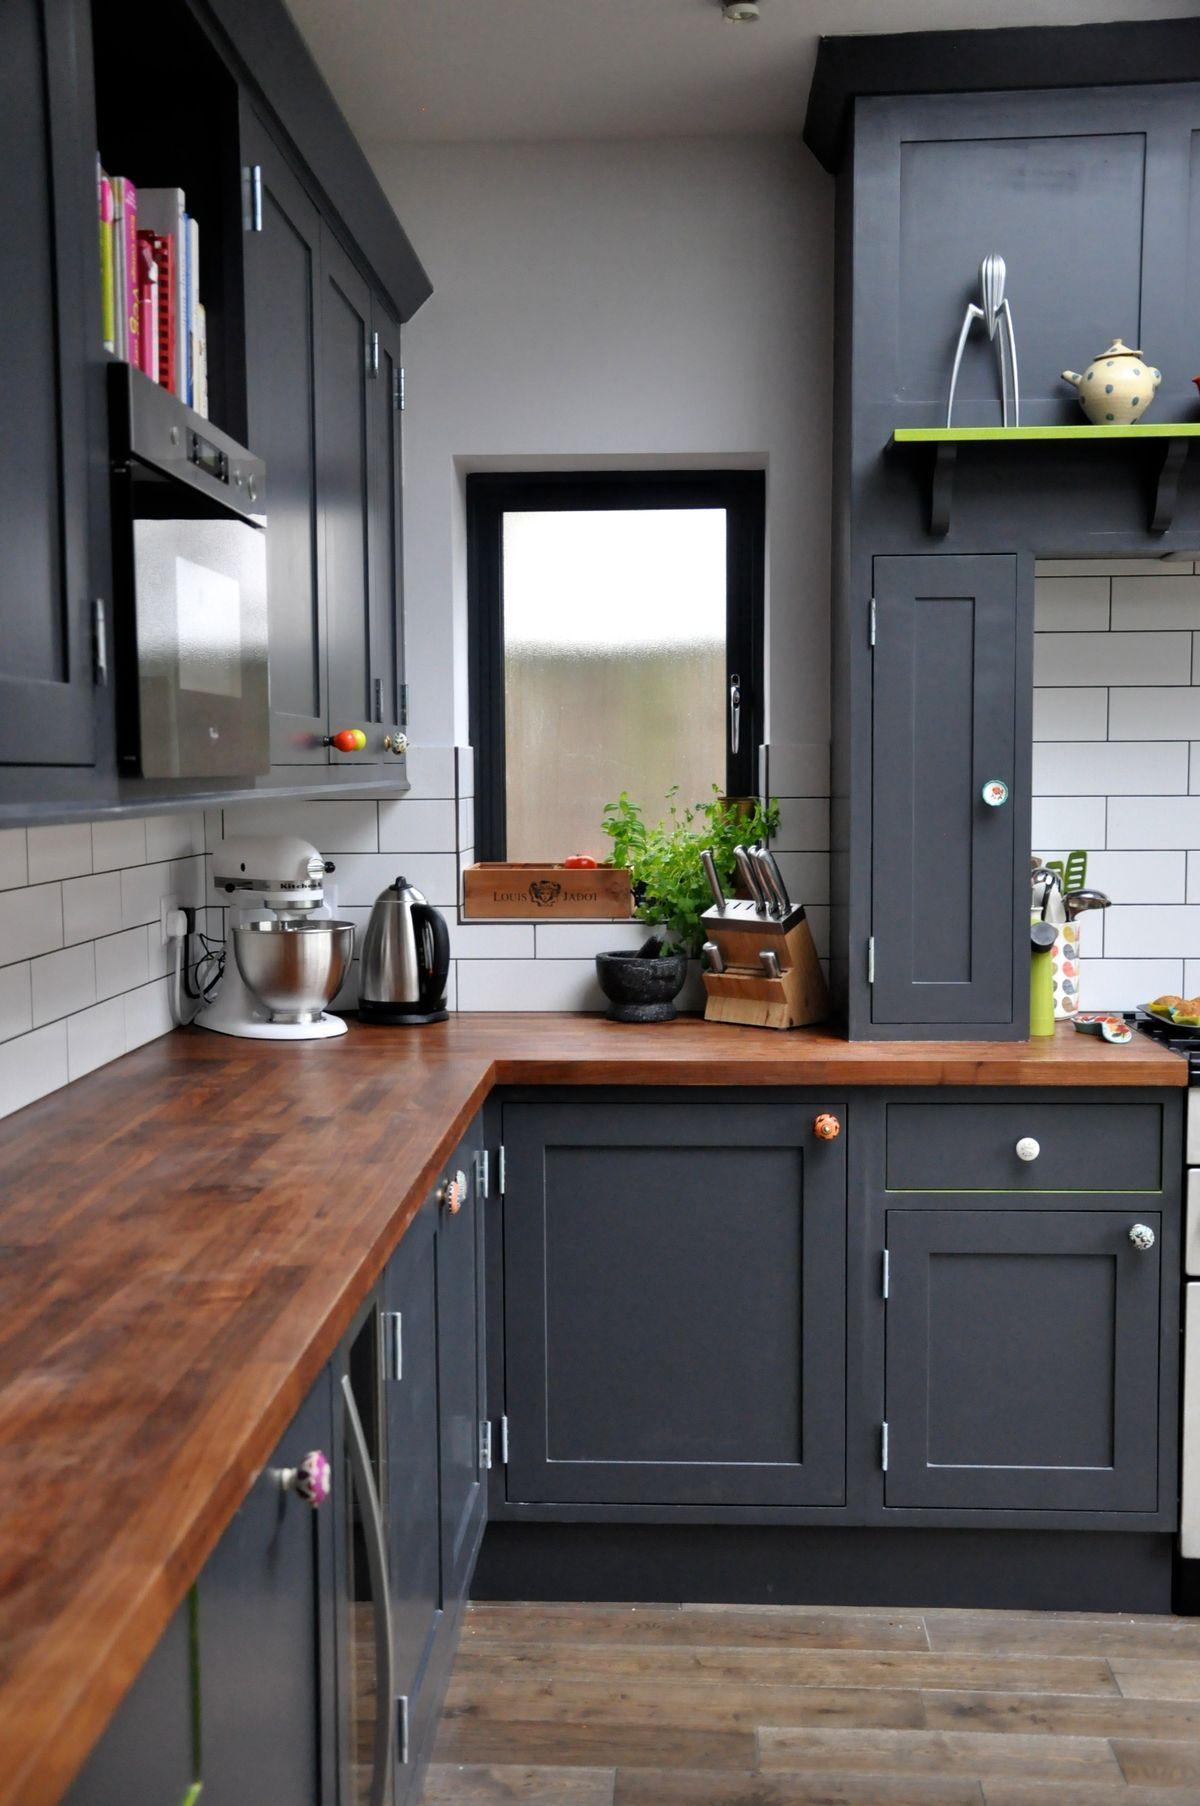 über küchenschrank ideen zu dekorieren pin von barbara aus der füntem auf wohnen  pinterest  haus küchen